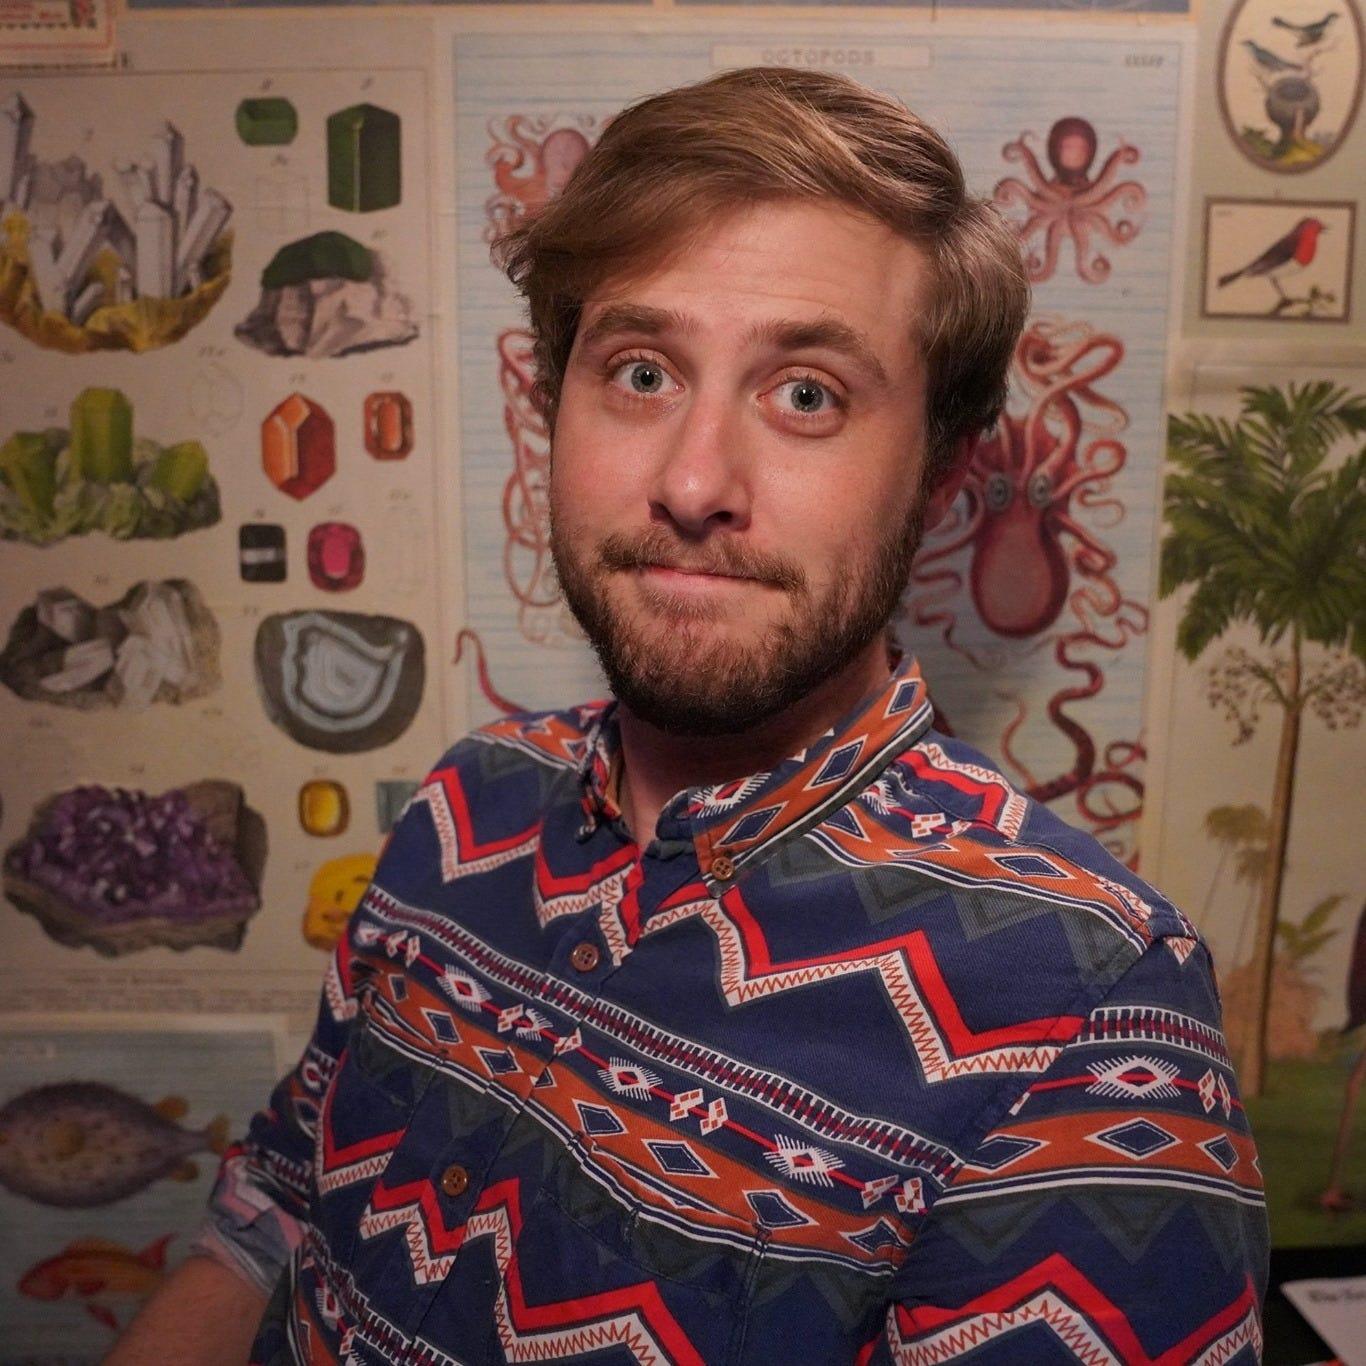 Ryan Broderick in his favorite shirt